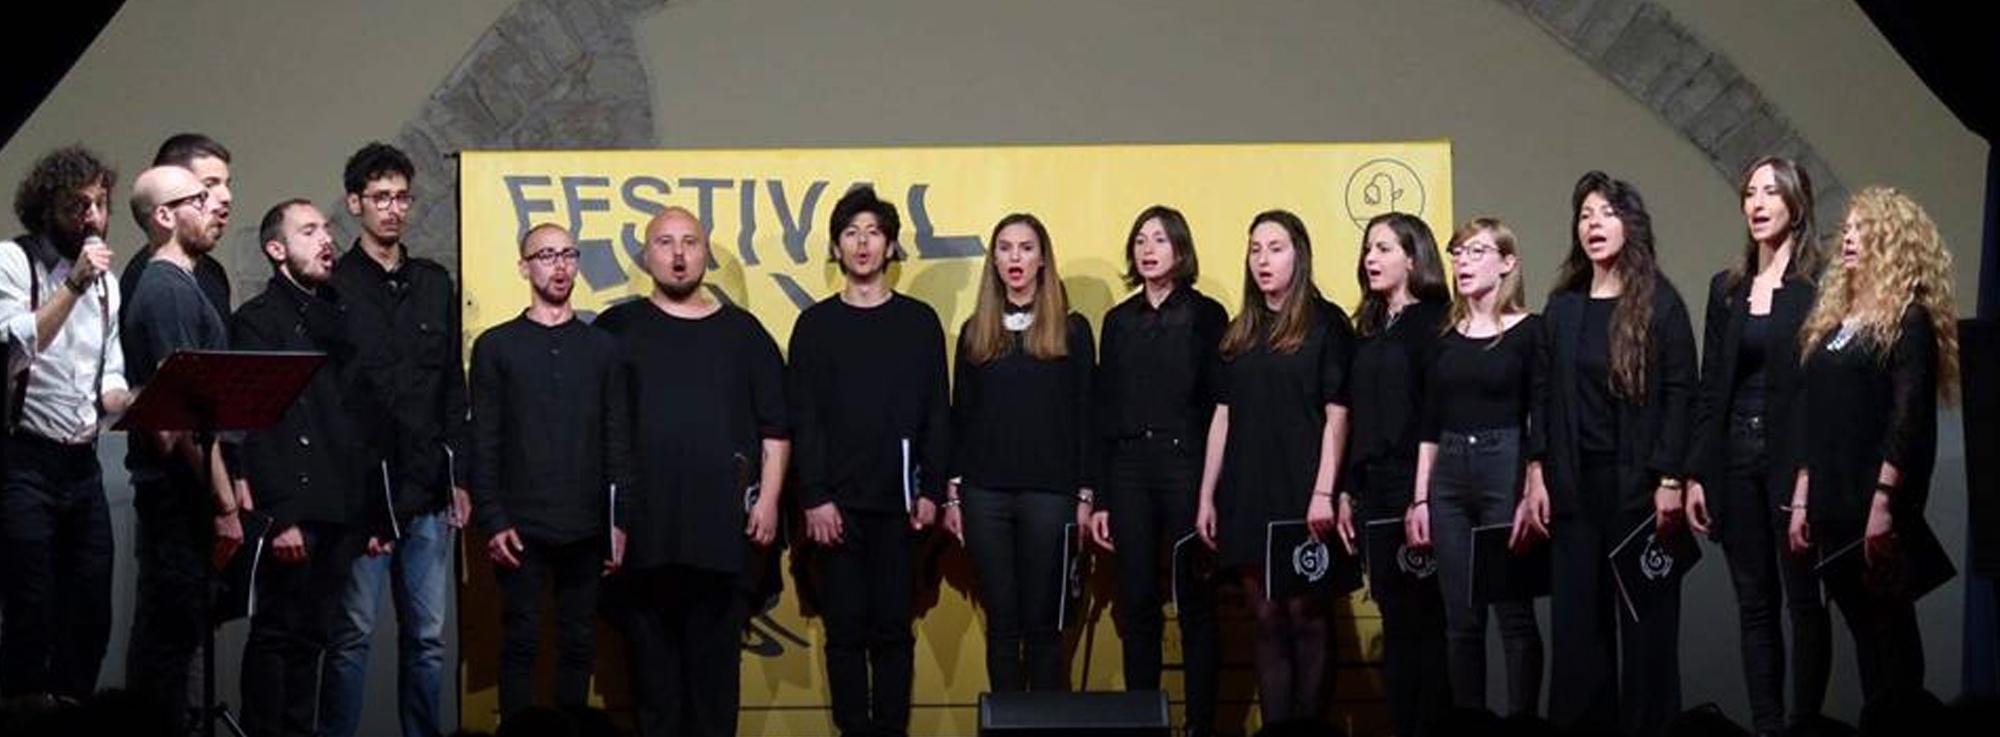 Andria: Festival della Disperazione